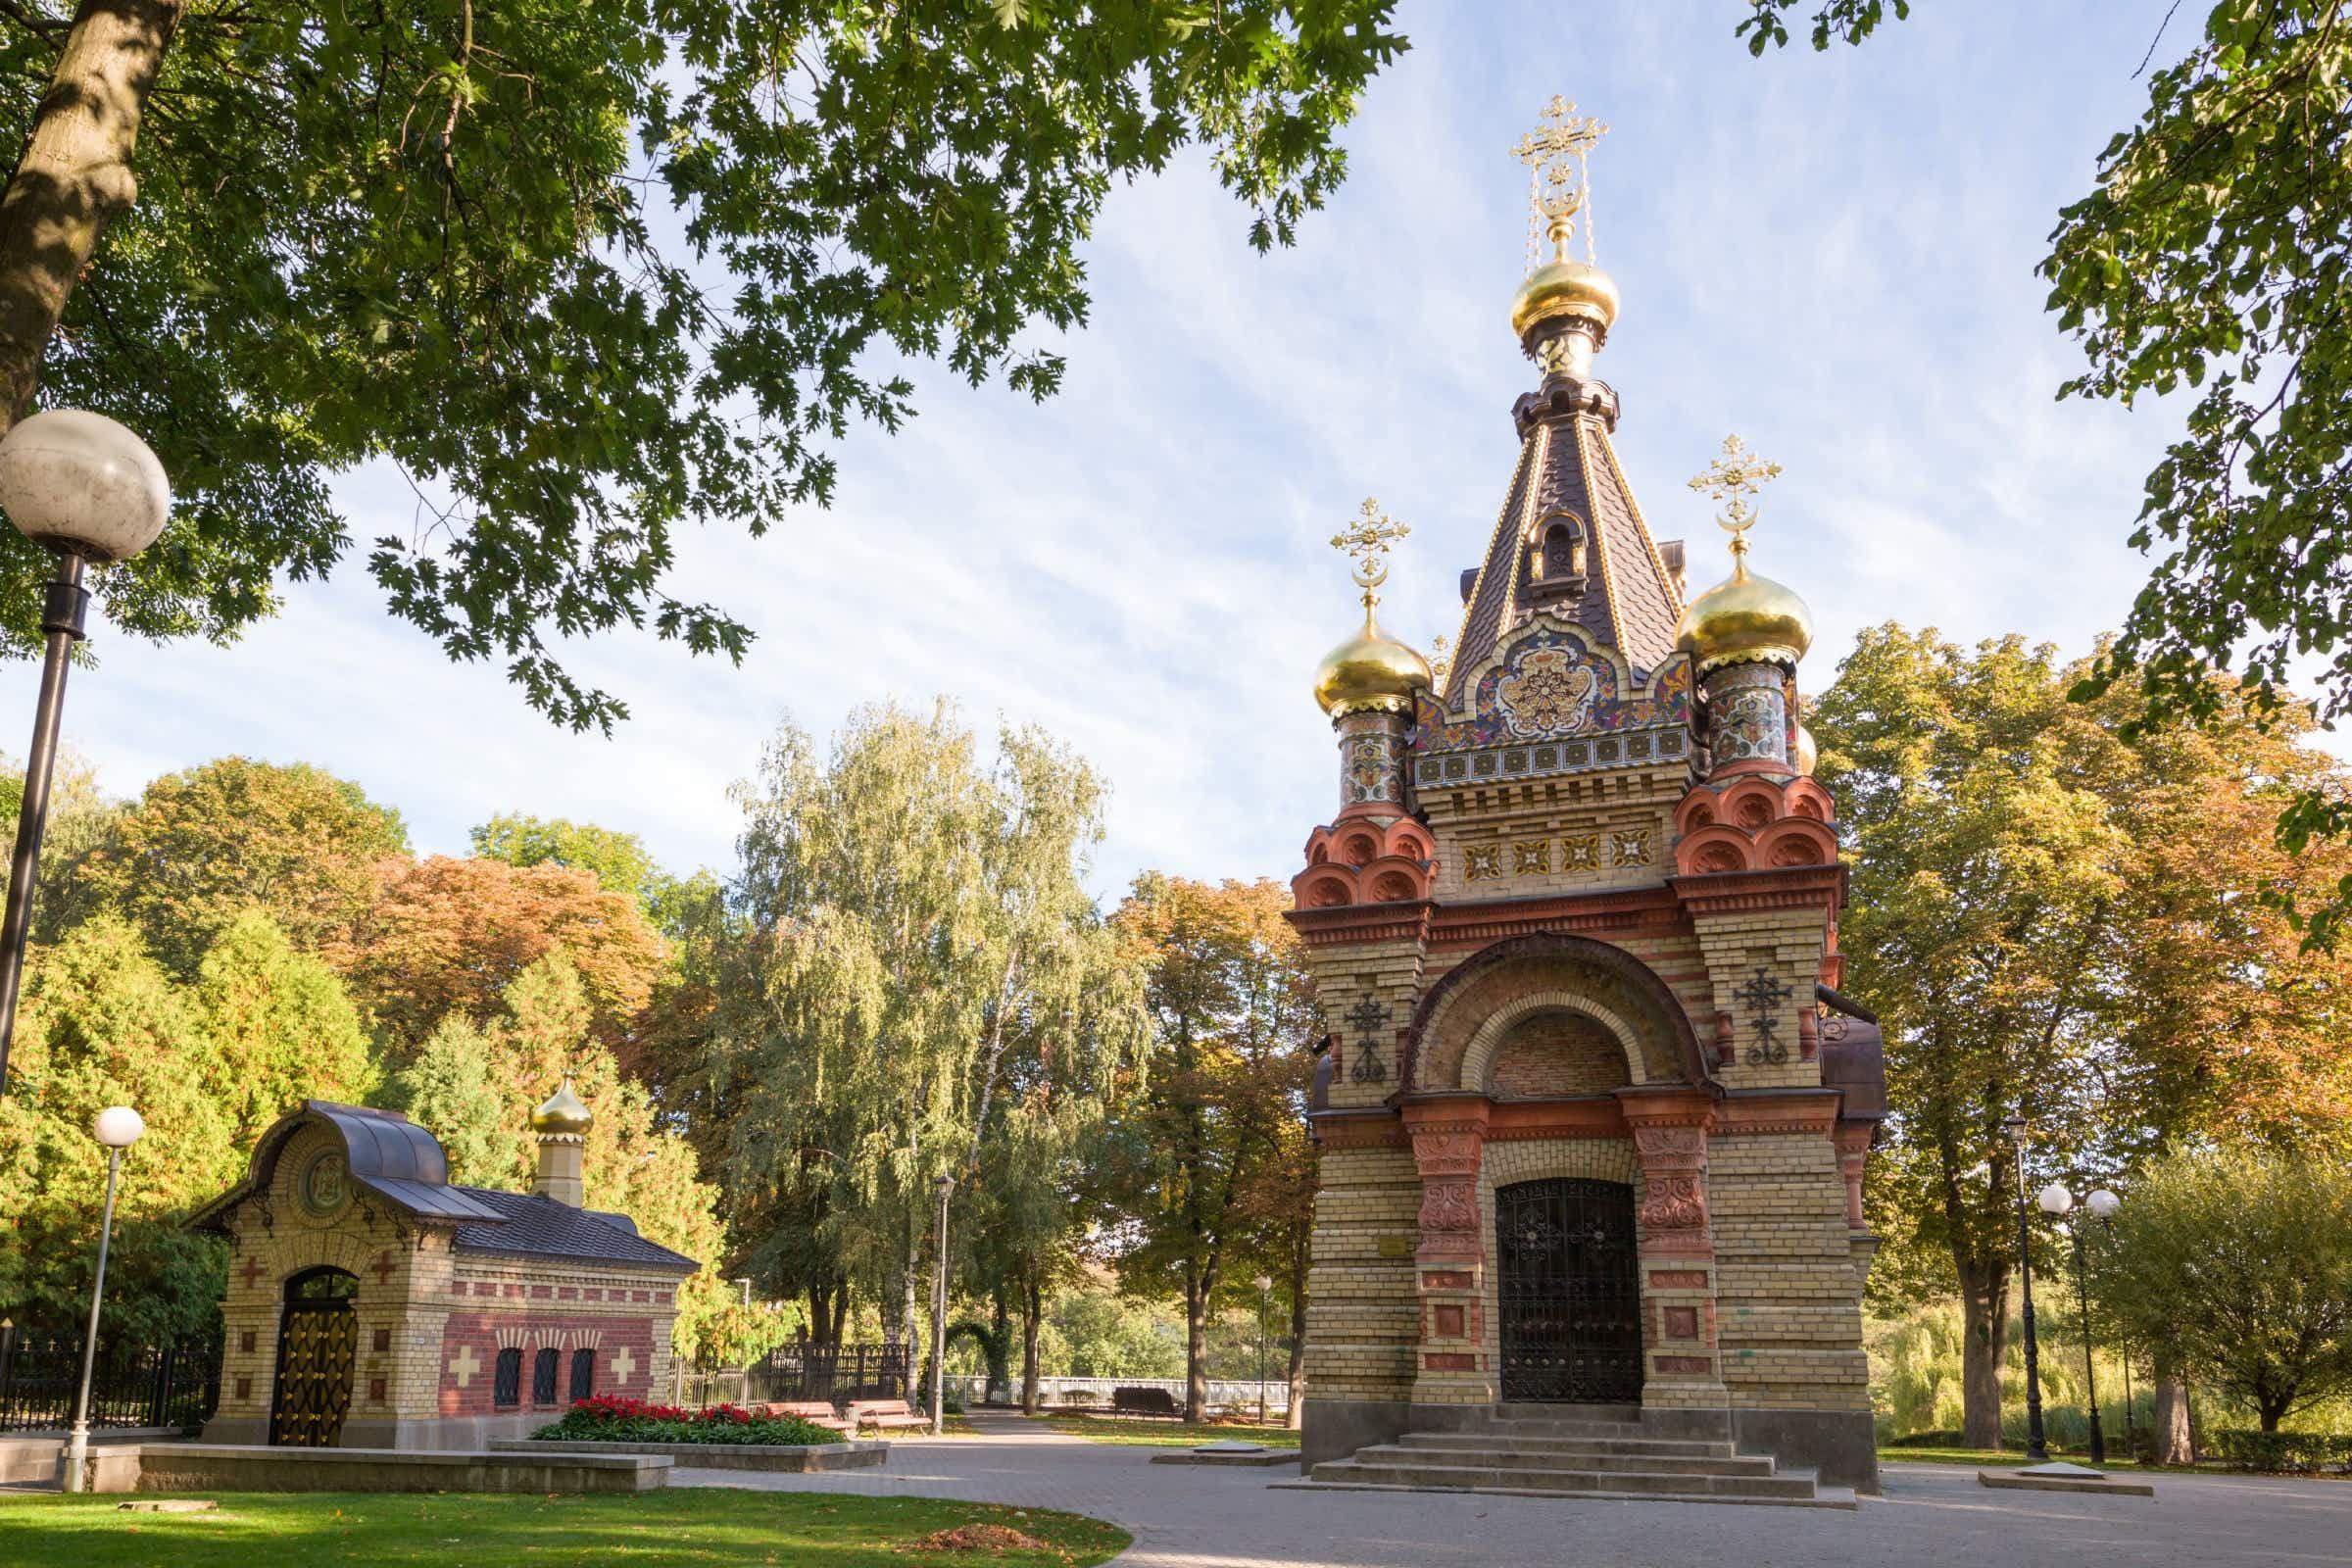 Belarus is extending visa-free stays for lots of travellers